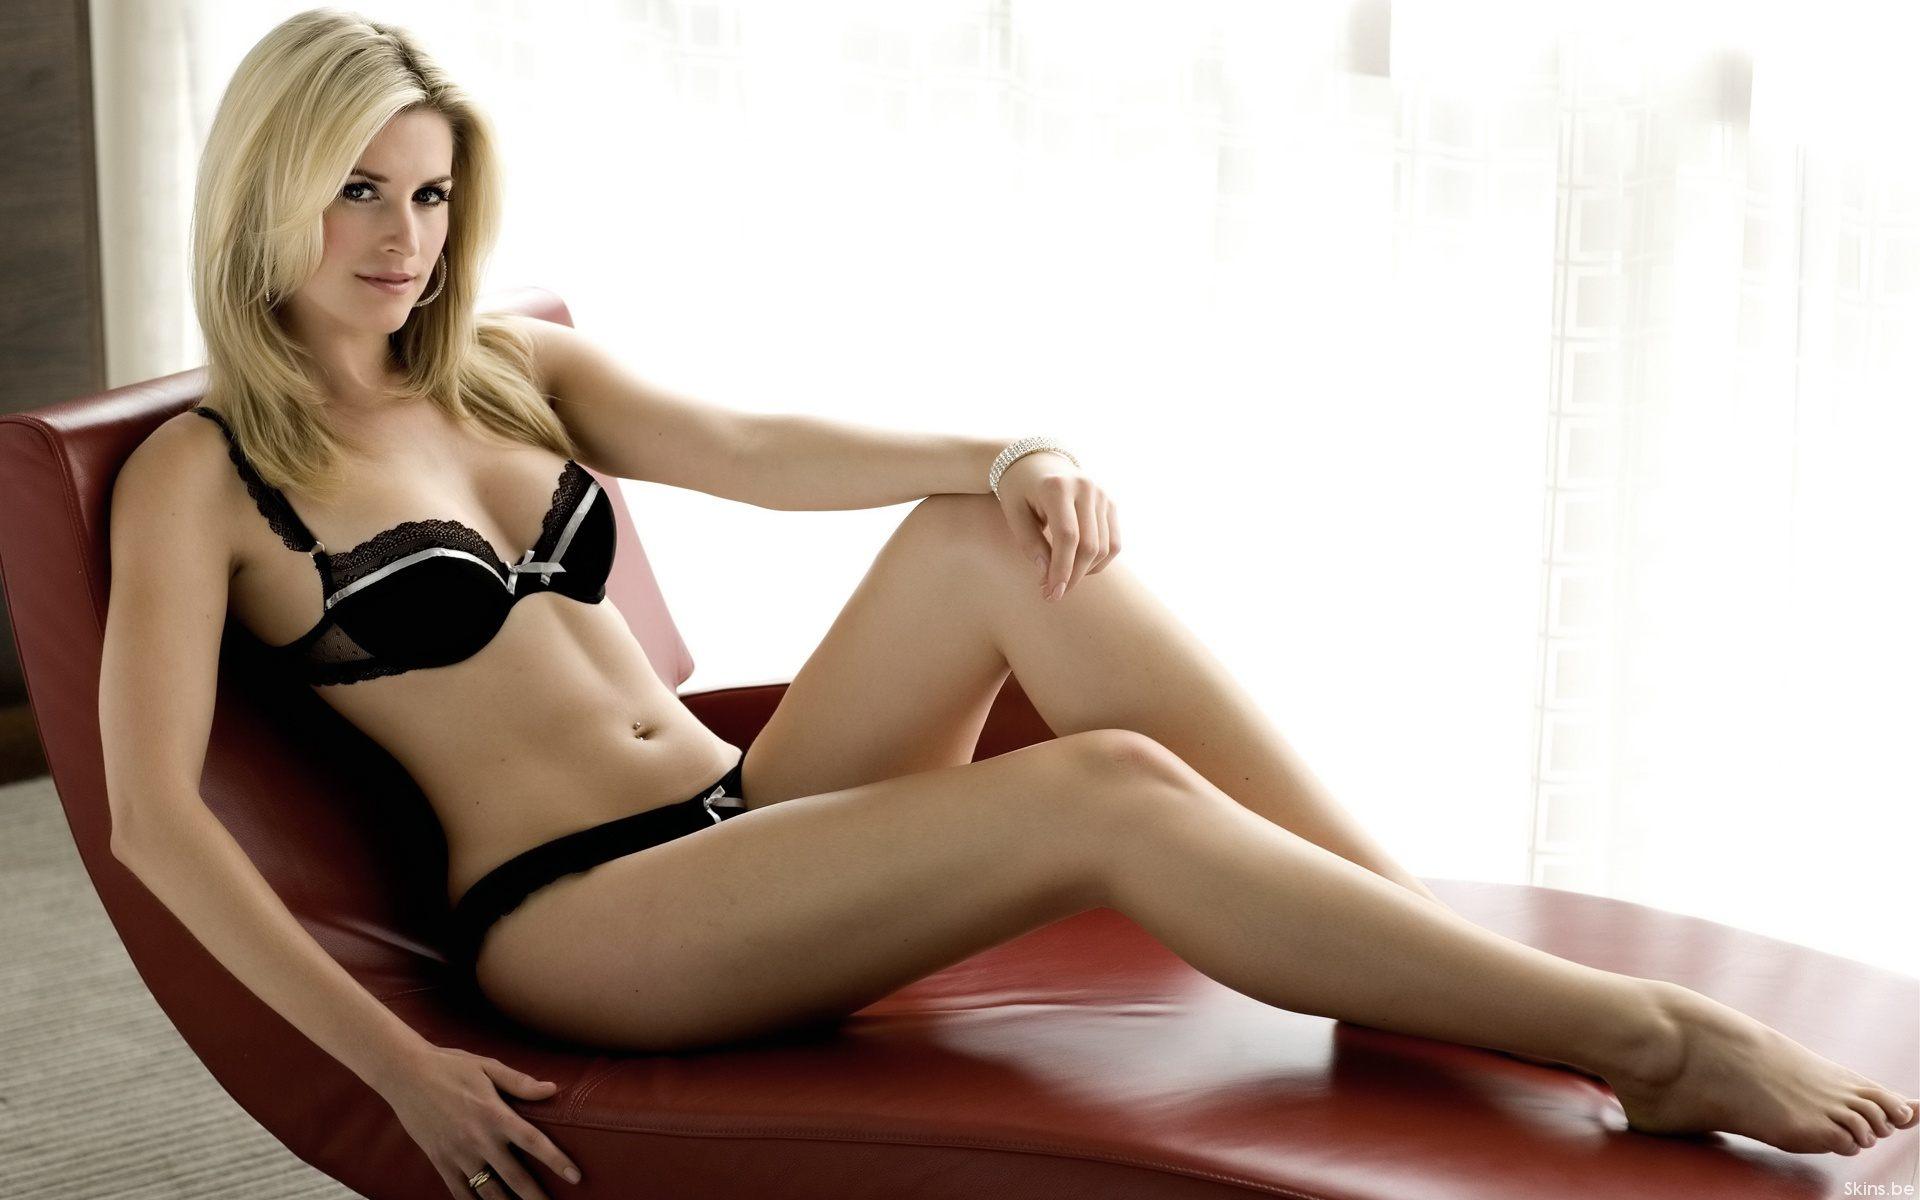 Фото красивых девочек блондинок секс 18 5 фотография